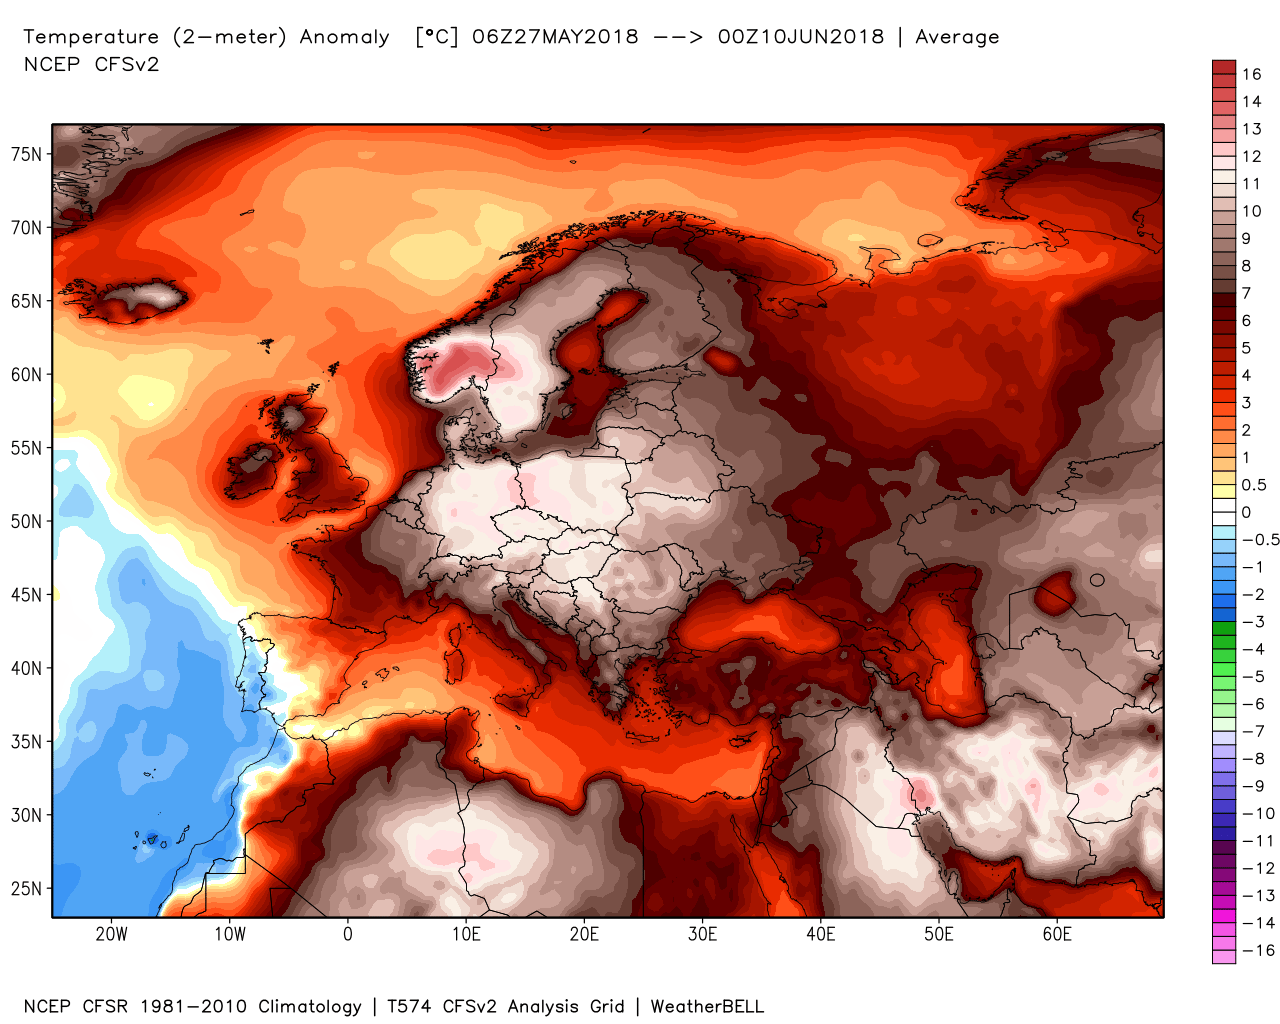 Giugno 2018: anomalie termiche e pluviometriche-ncep_cfsr_europe_t2m_2weeks_anom.png